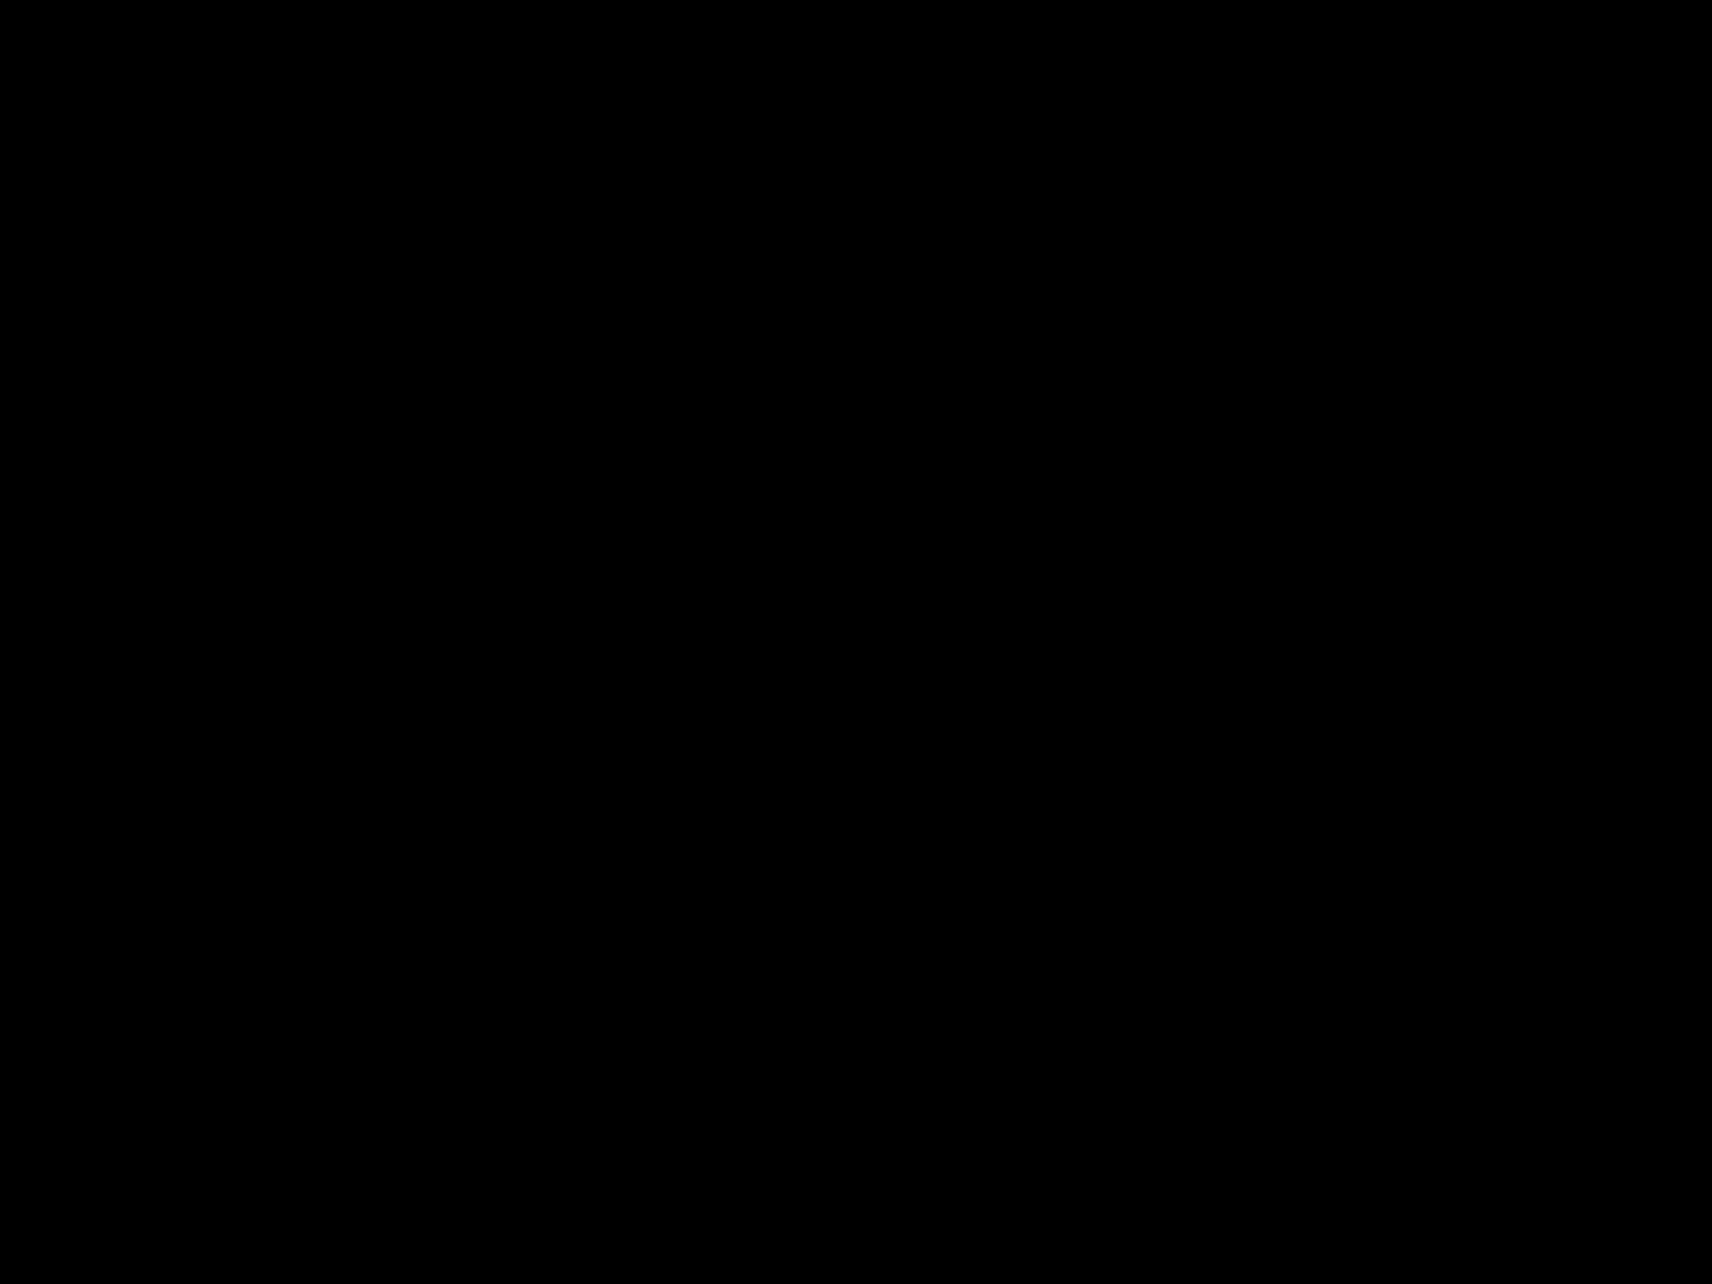 5426_07.jpg